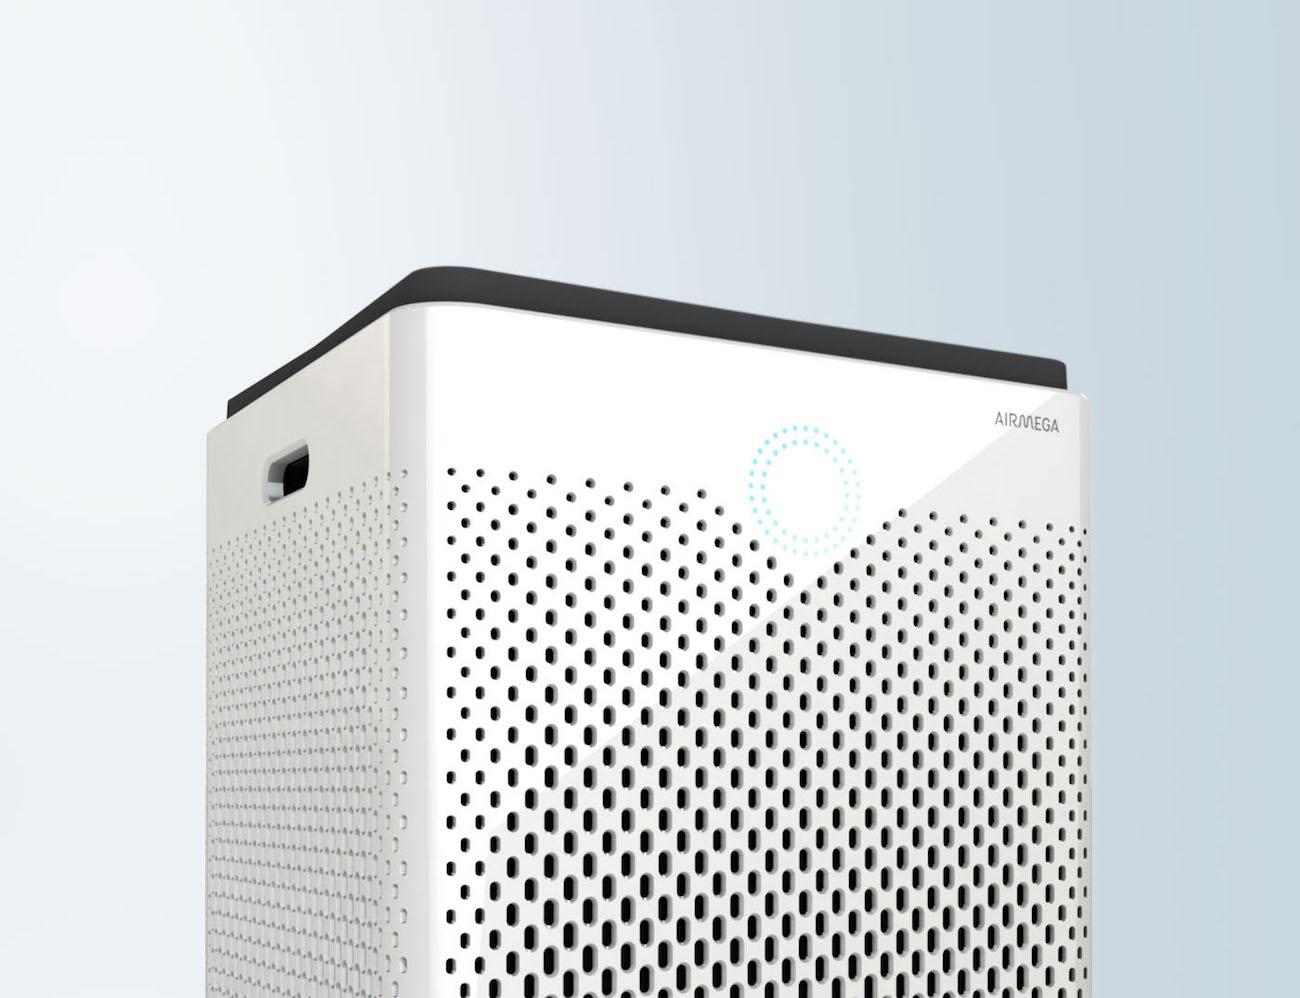 Airmega – The Smart Air Purifier